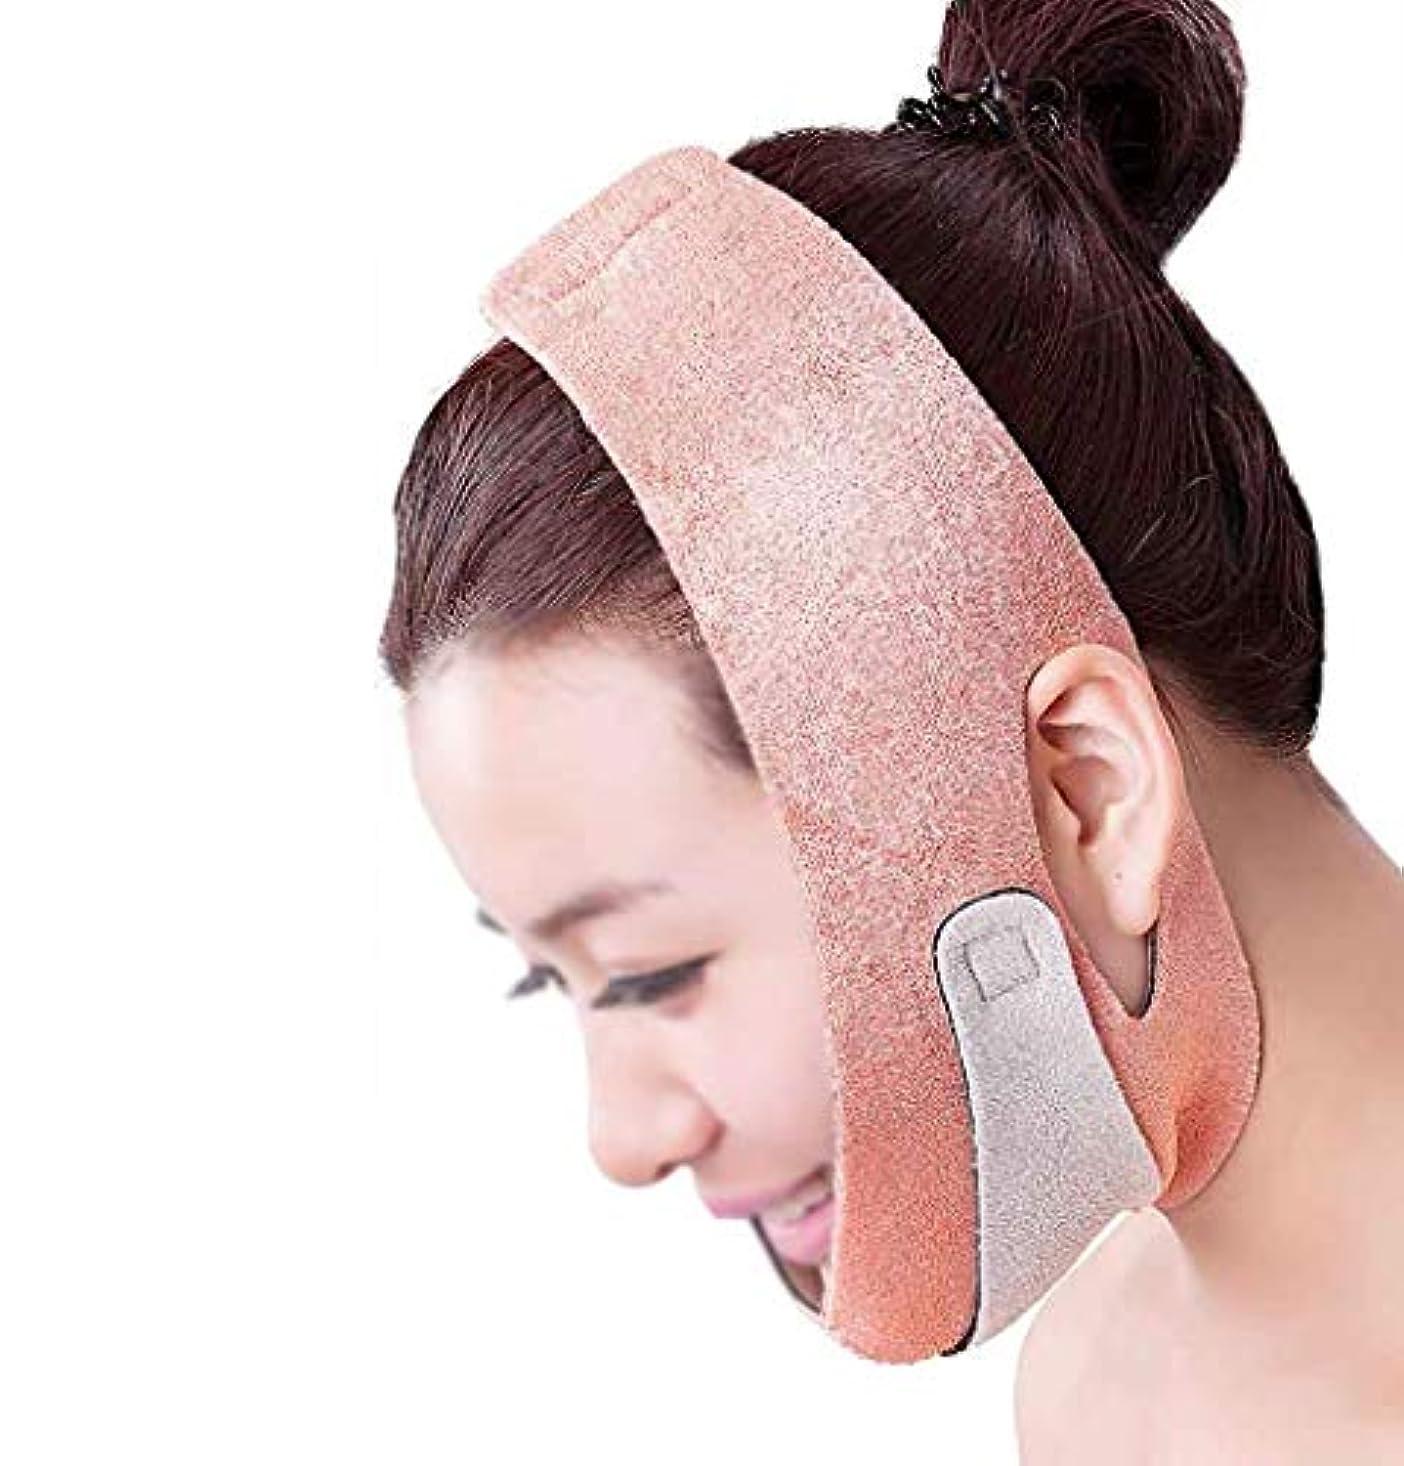 星対話予約HEMFV 薄い顔の包帯、ベルトフェイスマッサージツールは、二重あごをなくすリフティングVラインフェイスシェイプチンチークリフトアップアンチリンクルを作成します。 (Color : Pink)